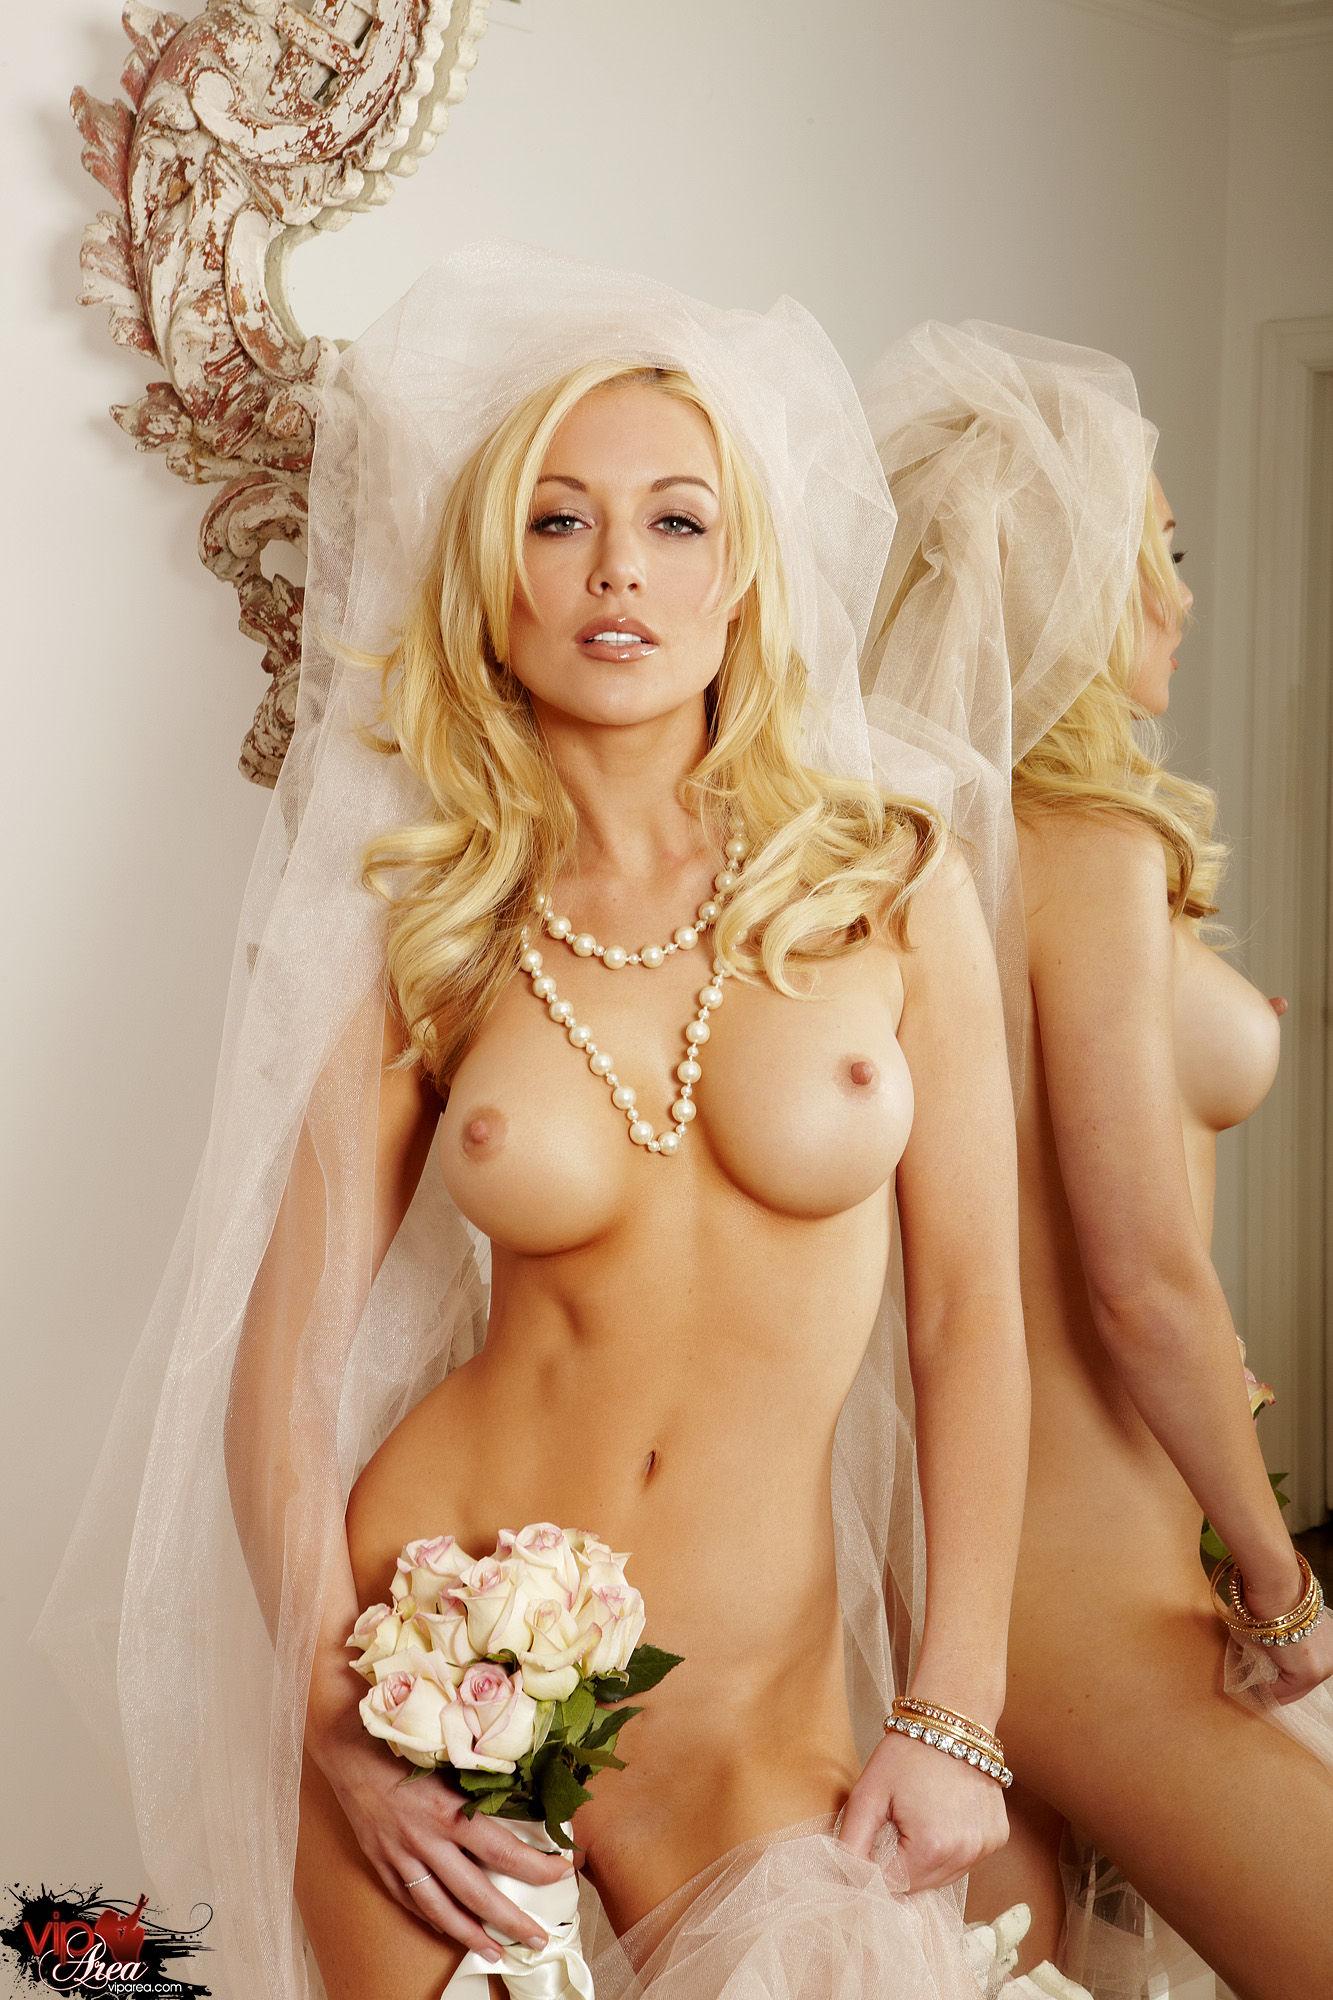 Фото обнаженная невеста